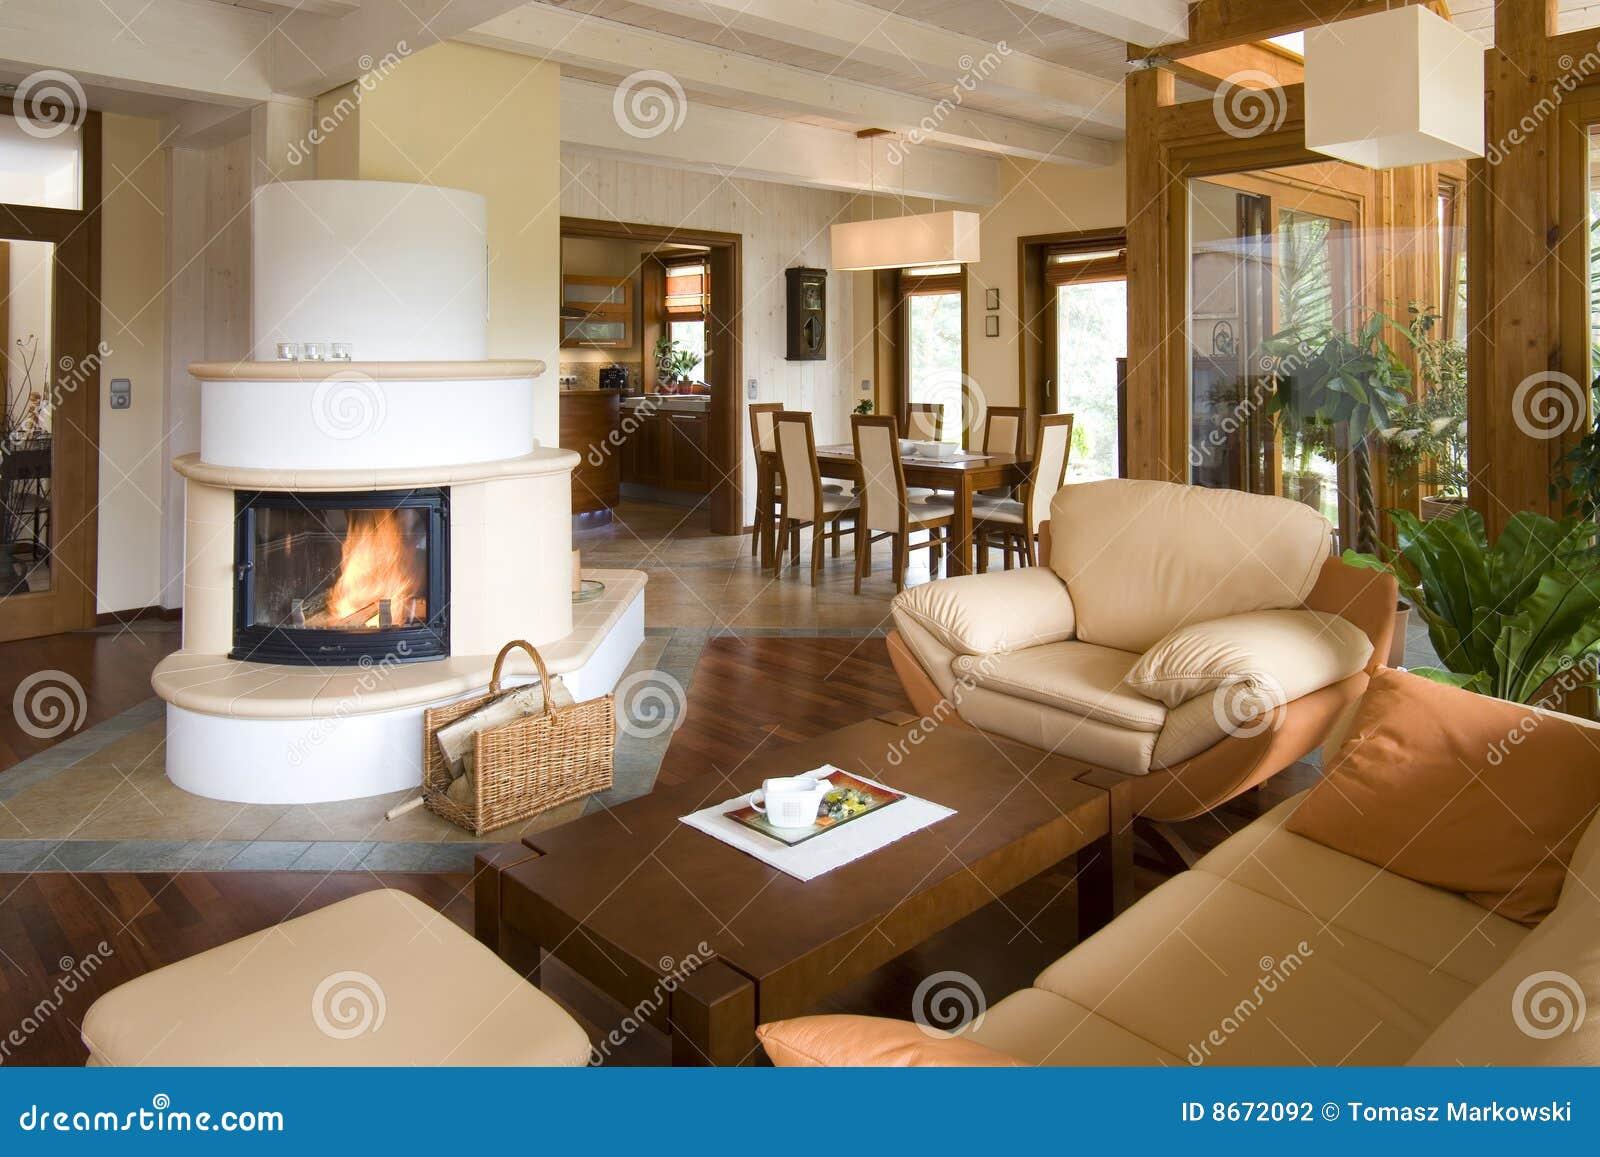 cucina con arco e soggiorno: voffca.com sala con mattoni a vista. - Soggiorno Cucina Con Camino